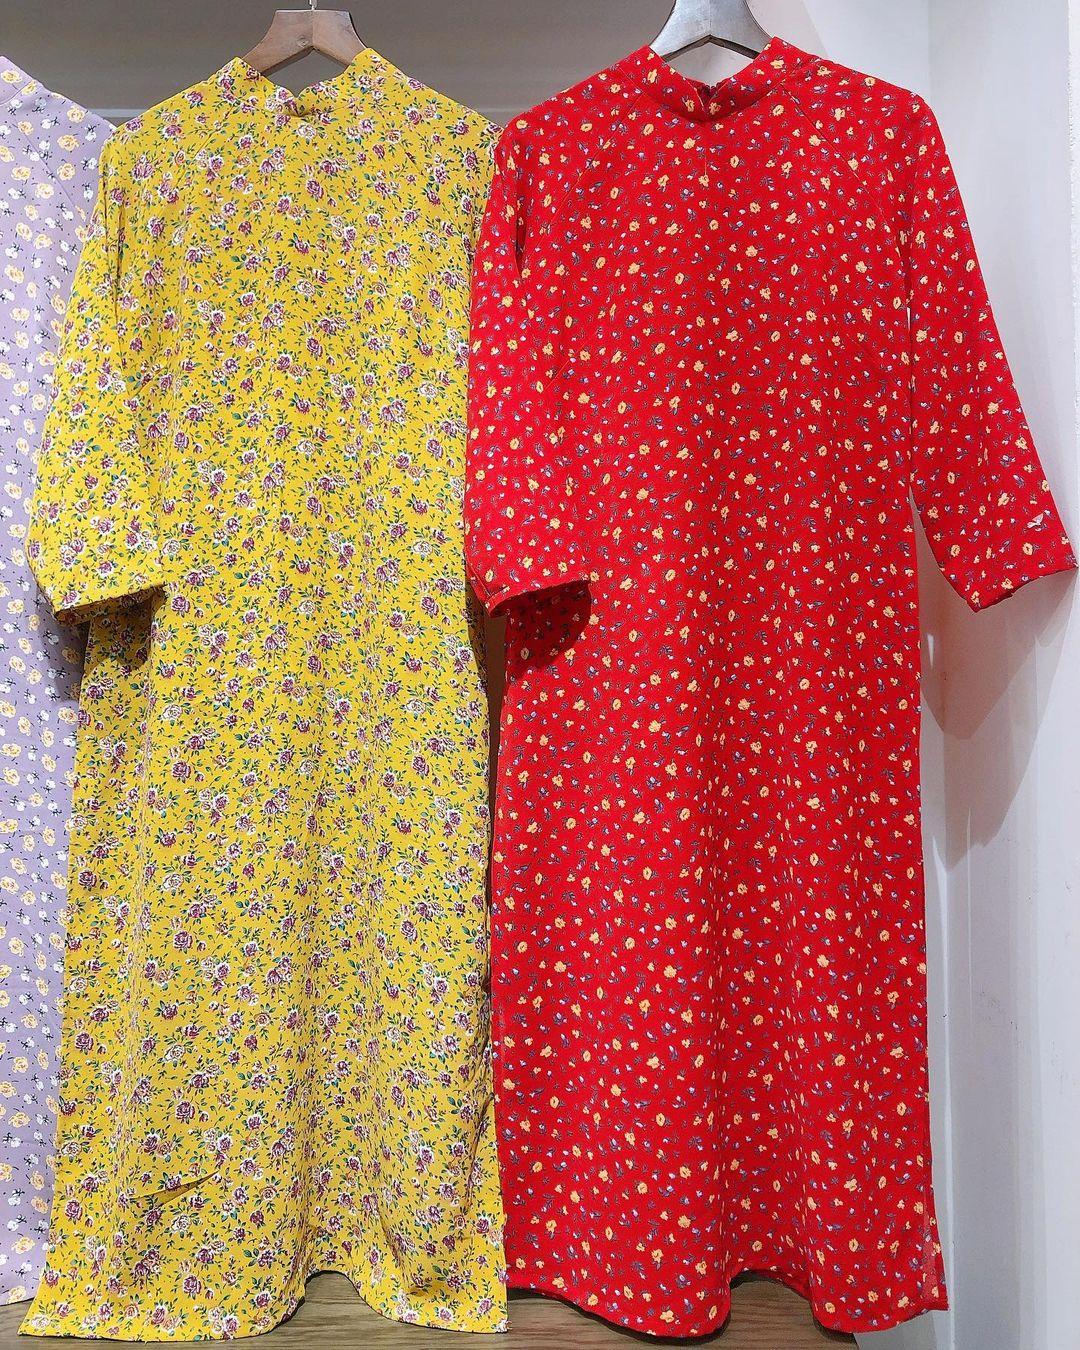 Áo dài đỏ của local brand: Giá từ 650K, chất với dáng đều đẹp lung linh để diện Tết - Ảnh 1.